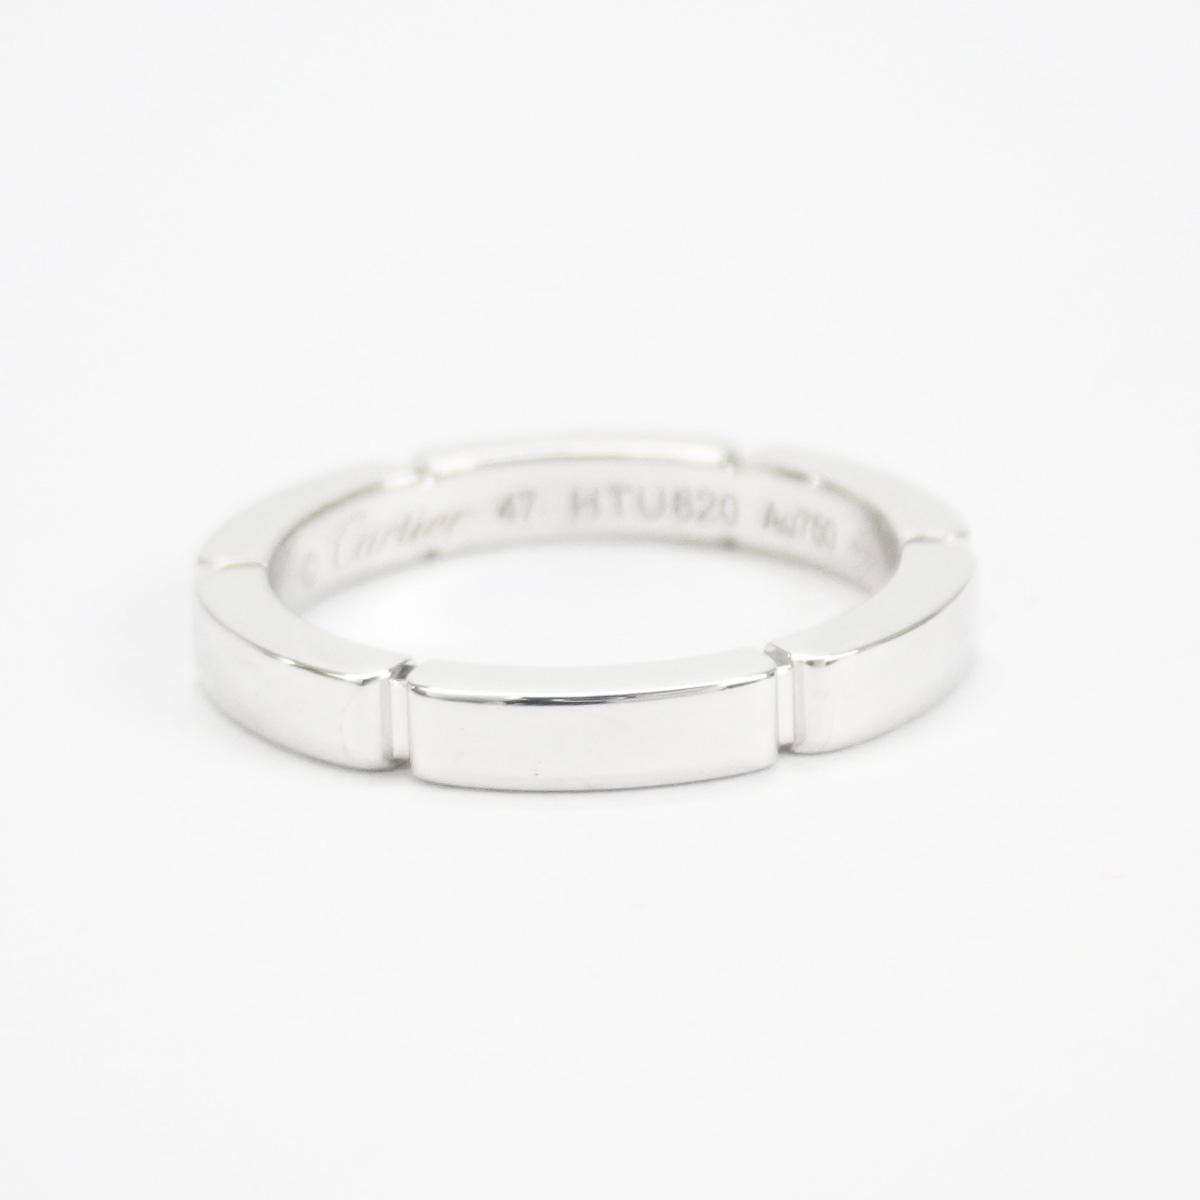 【辛口評価】【Aランク】Cartier カルティエ K18WG マイヨンパンテール ウェディング リング ダイヤ0.15ct B4221047 #47 ゲージ棒約7号